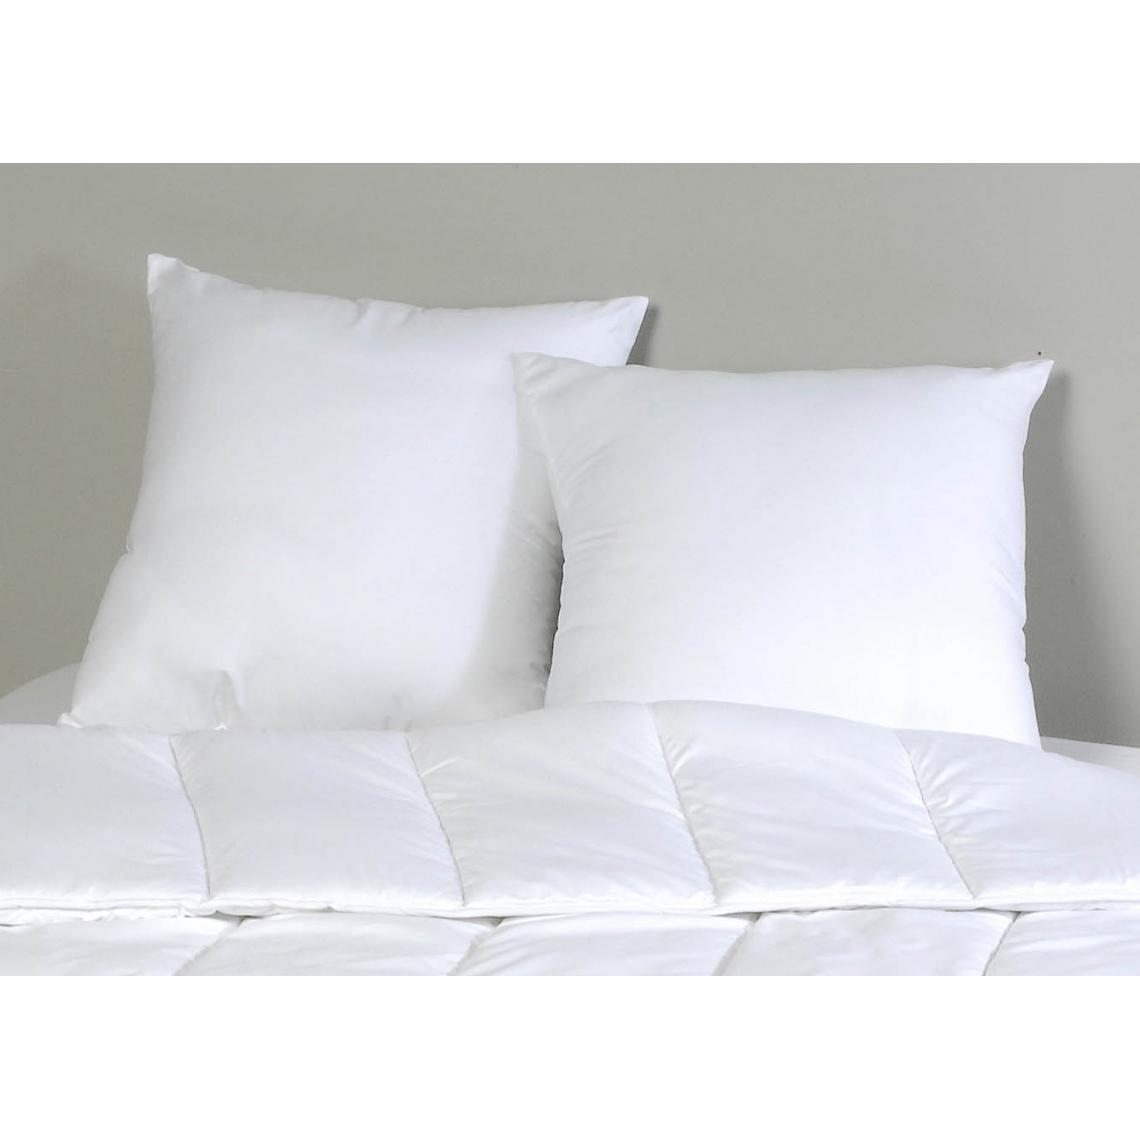 Oreiller à mémoire de forme : qu'est ce qu'un oreiller à mémoire de forme ?